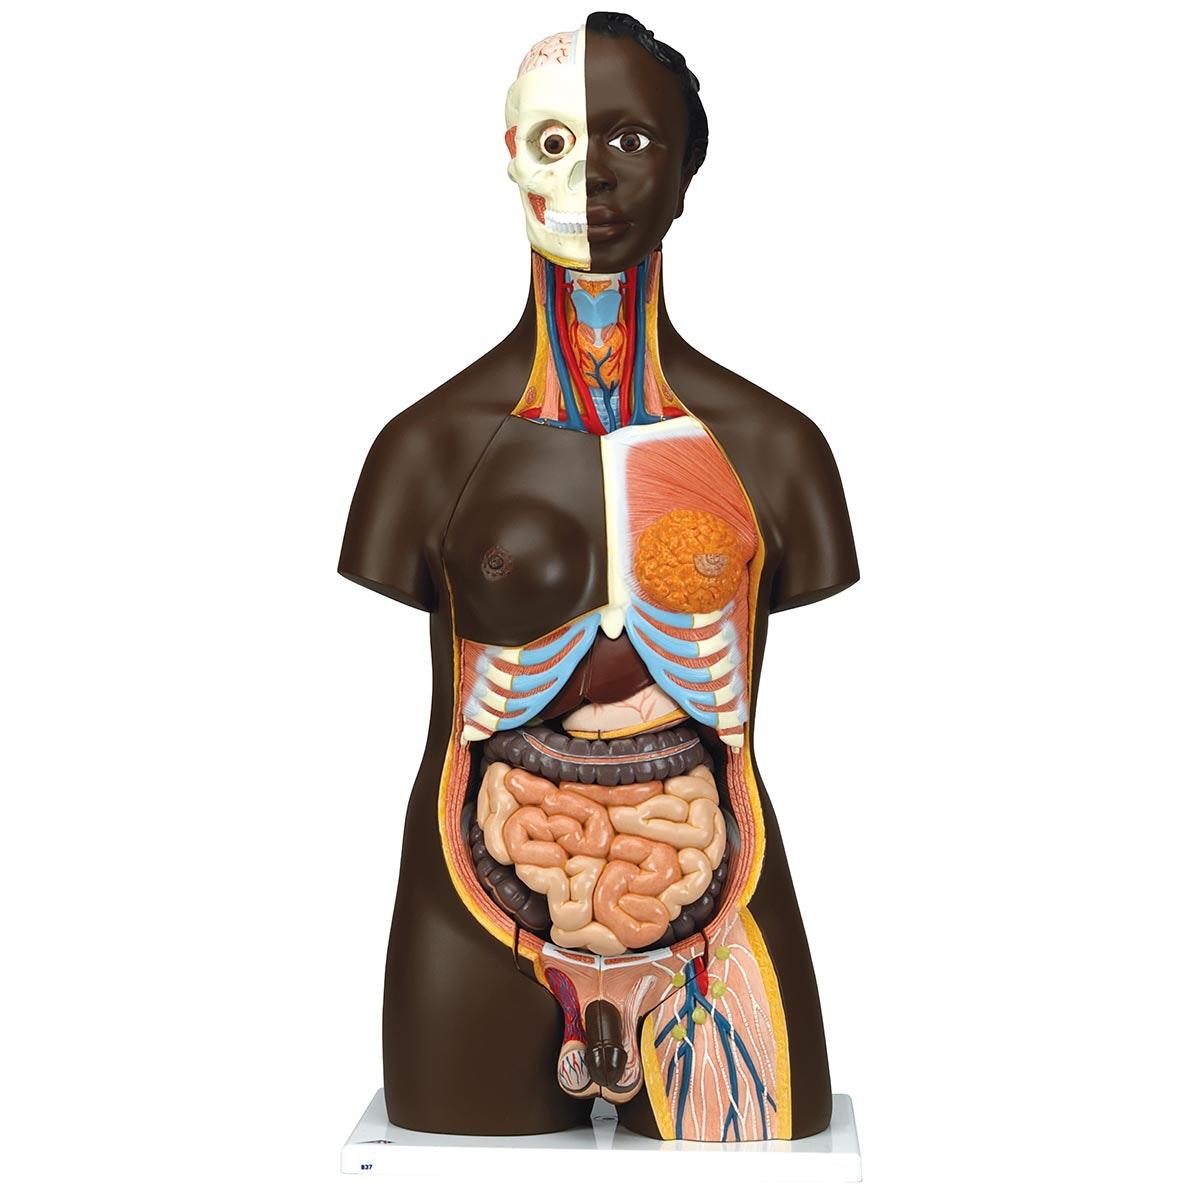 Meget detaljeret torso med 23 udtagelige dele, mørk hud og udskiftelige kønsorganer